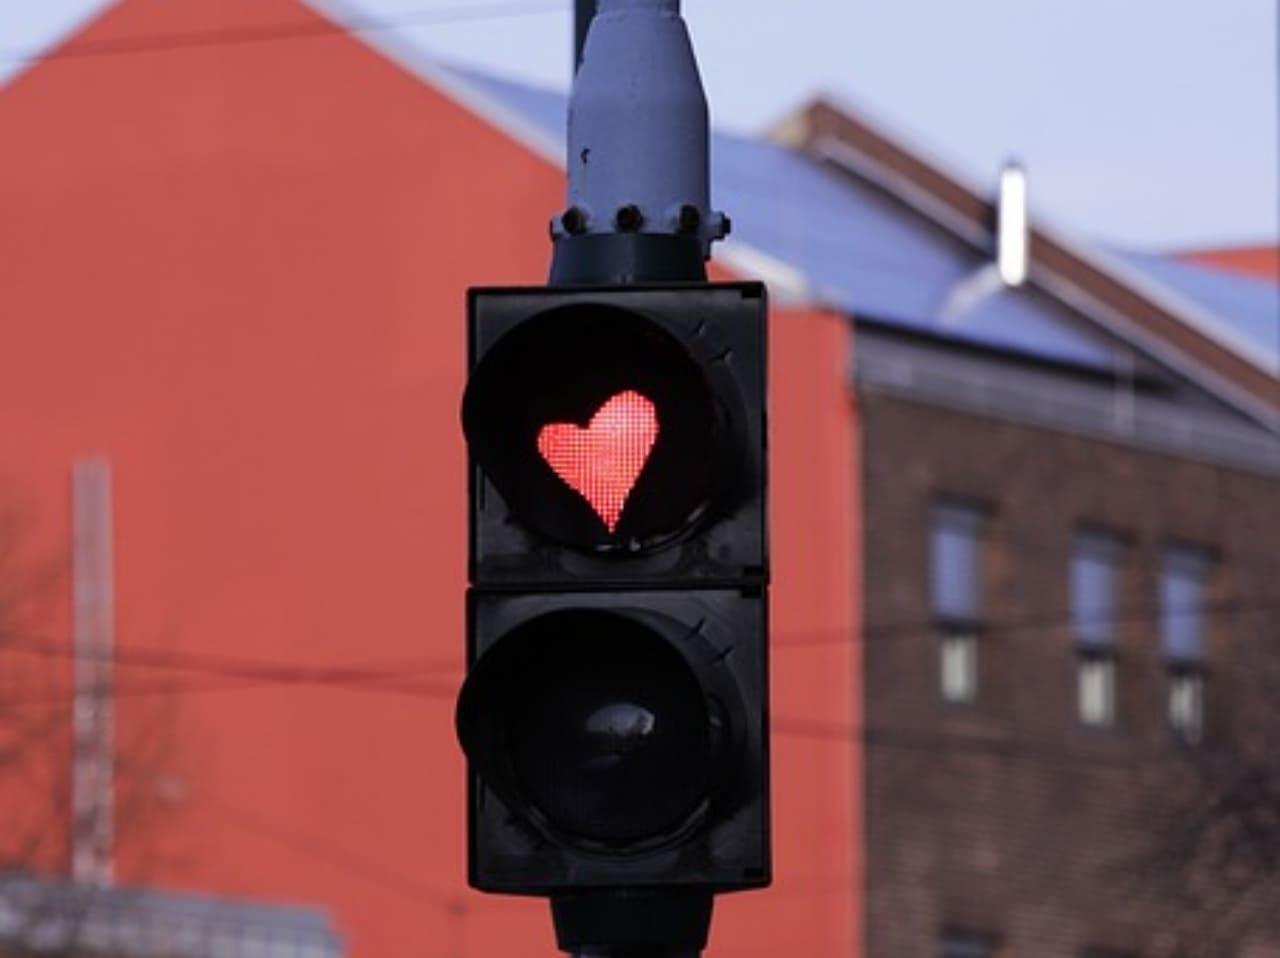 Kenali Tanda-tanda dan Sebab Kerasnya Hati Beserta Solusinya Menurut Islam